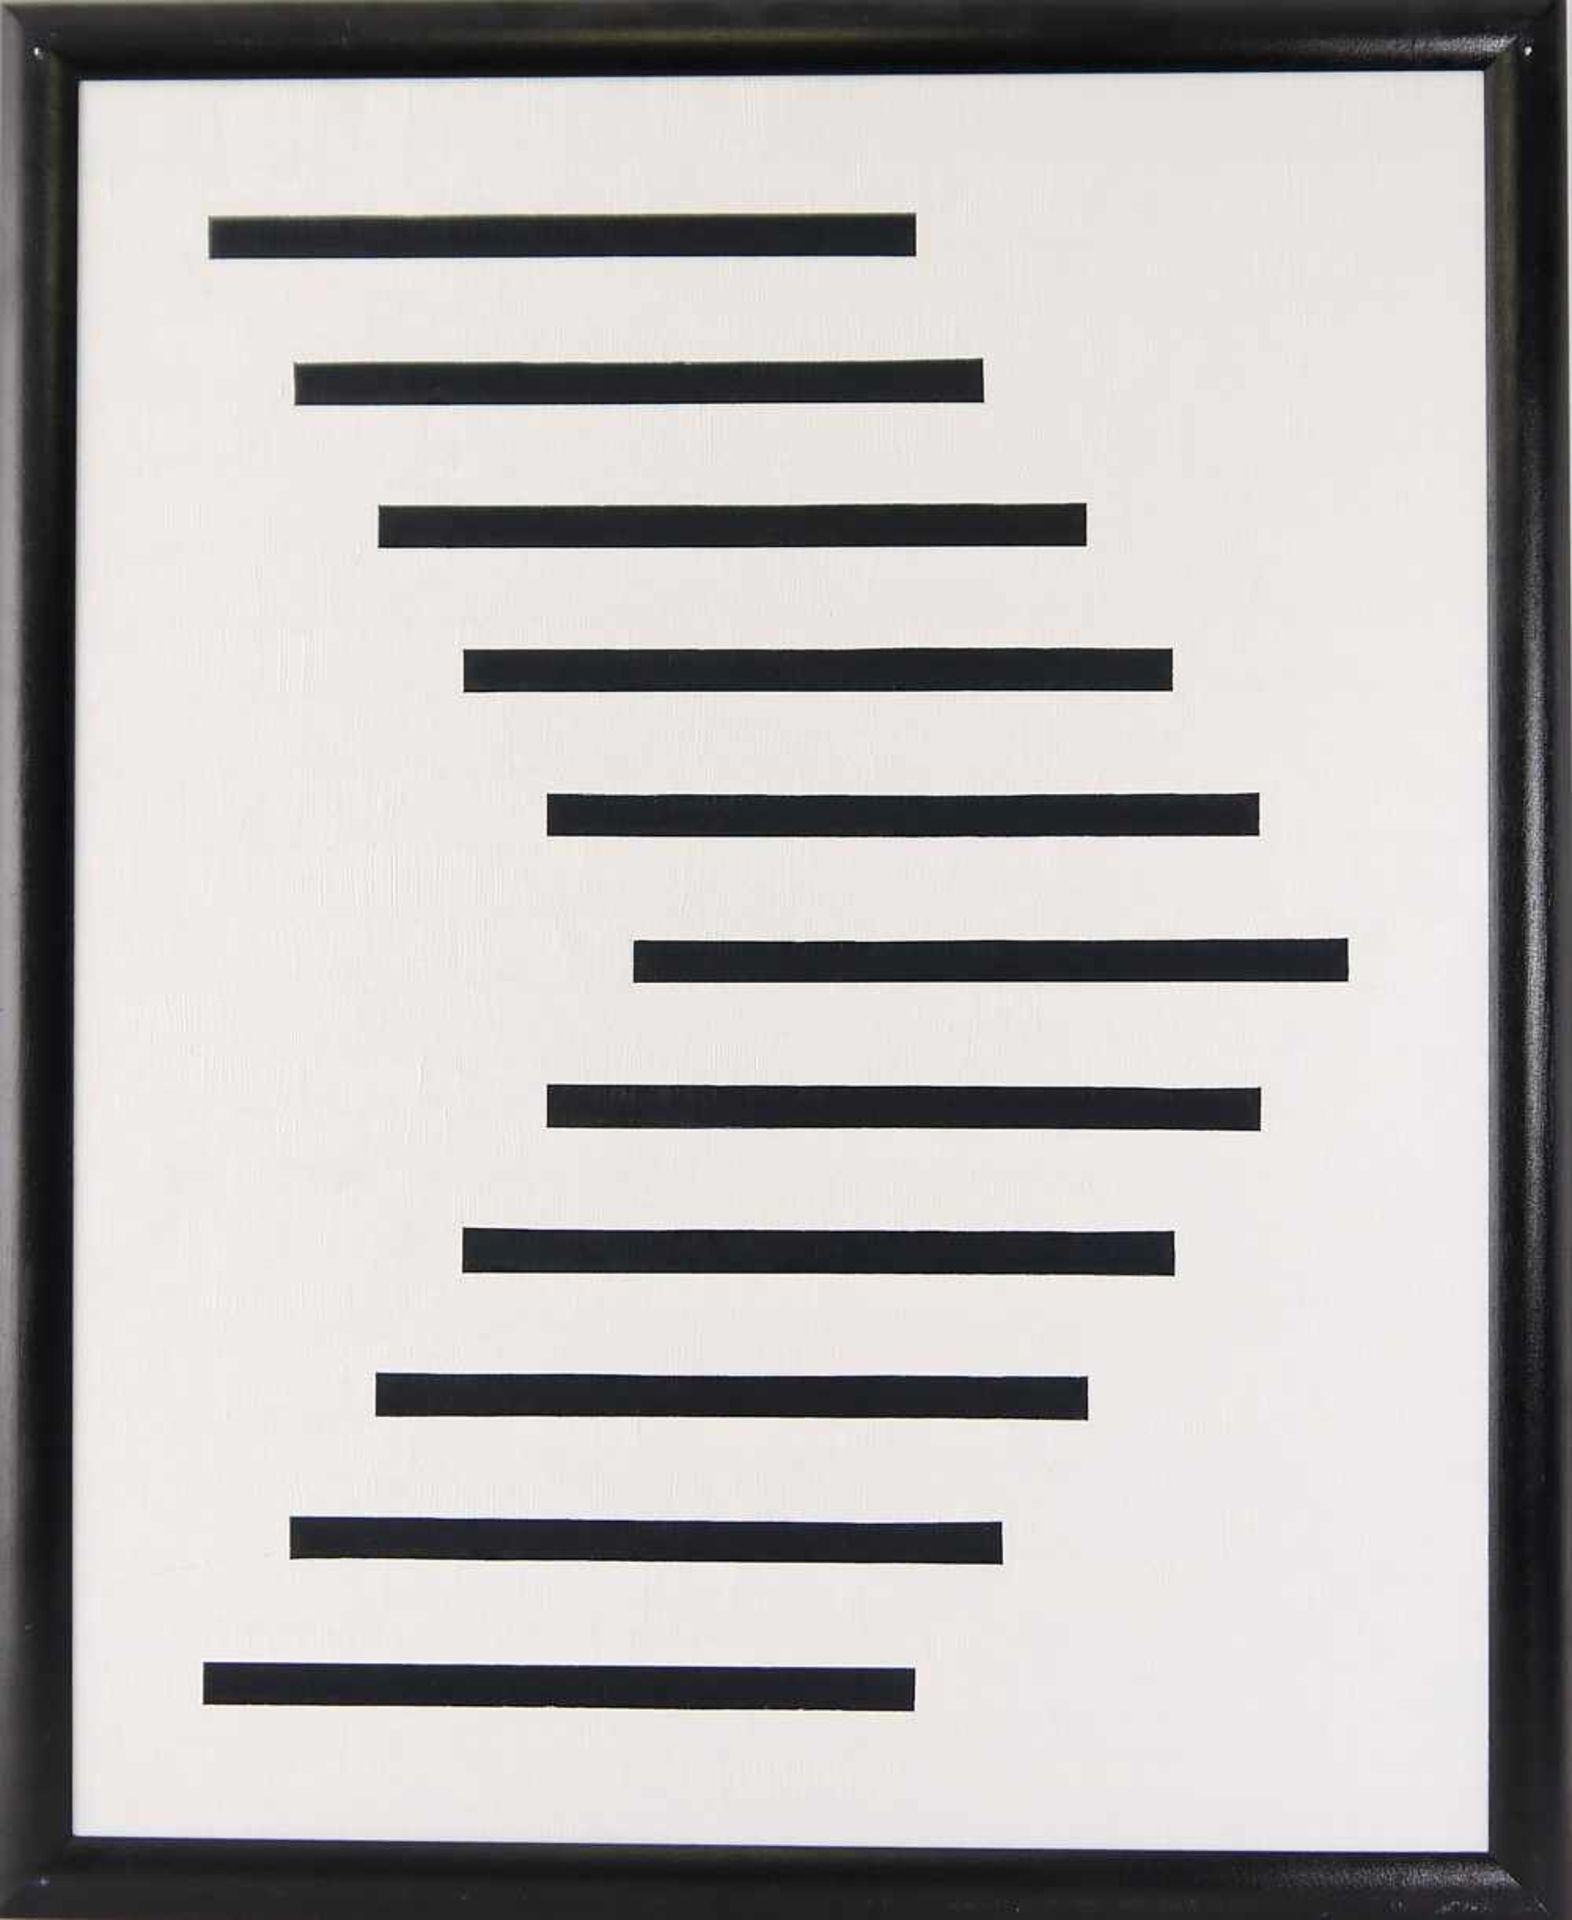 """Los 47 - KERKMAN WILLEM. Tastatur II-schwarz, Acryl auf dicker Malpappe, signiert und datiert. """"Tastatur II-"""